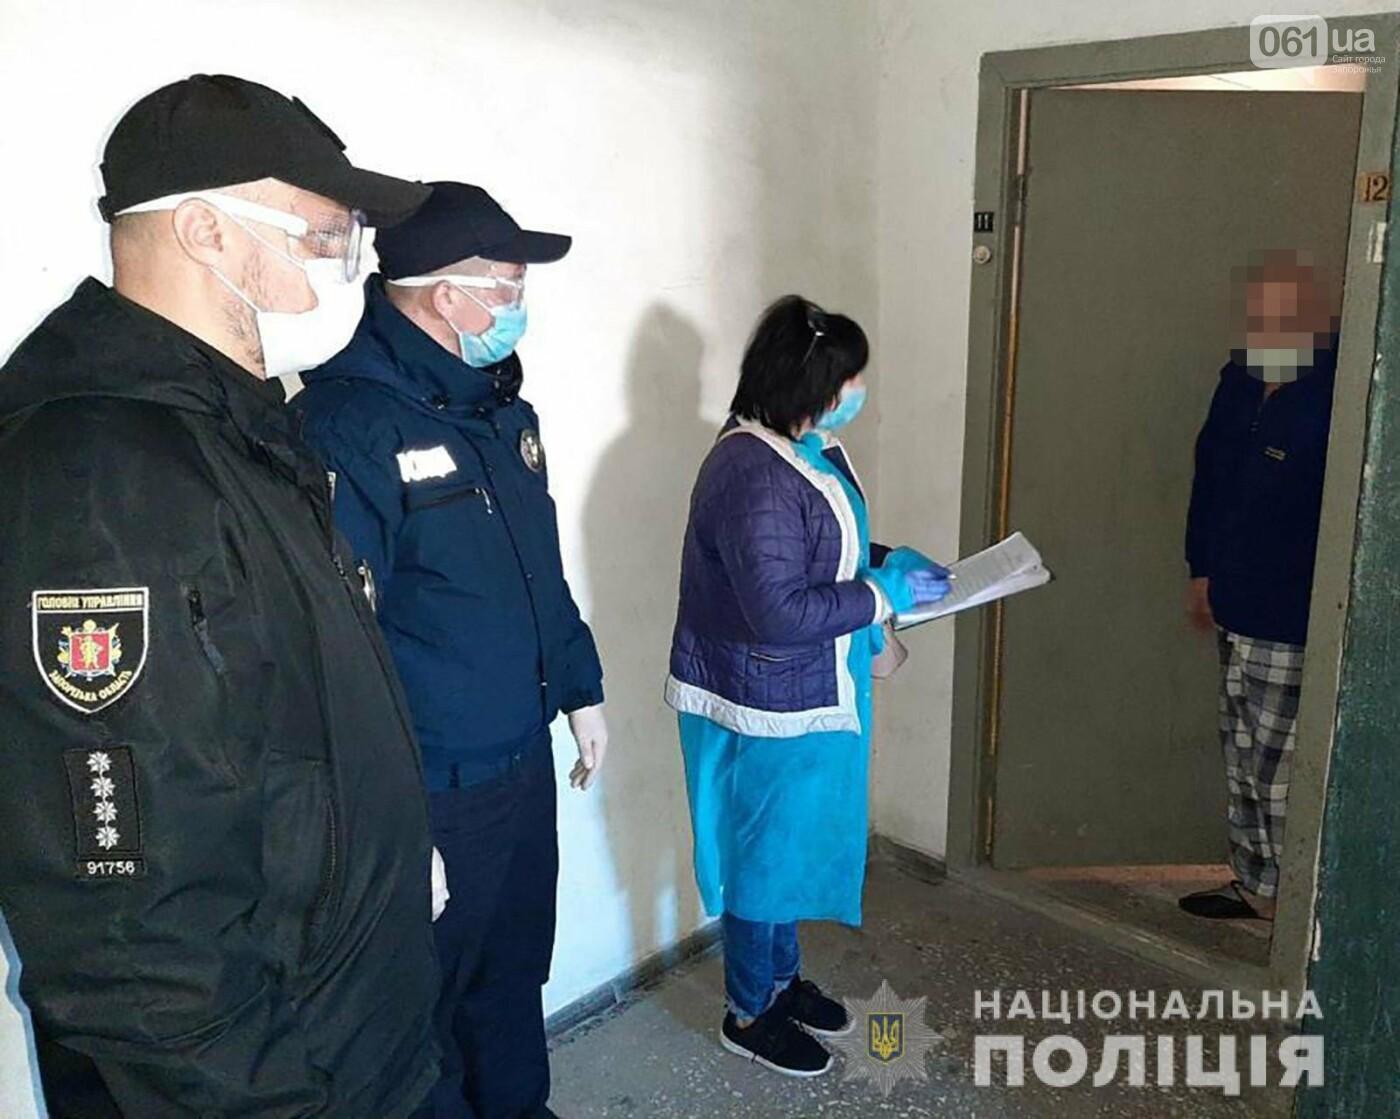 В Запорожье полицейские проверяют соблюдение режима самоизоляции - первые результаты рейда, фото-1